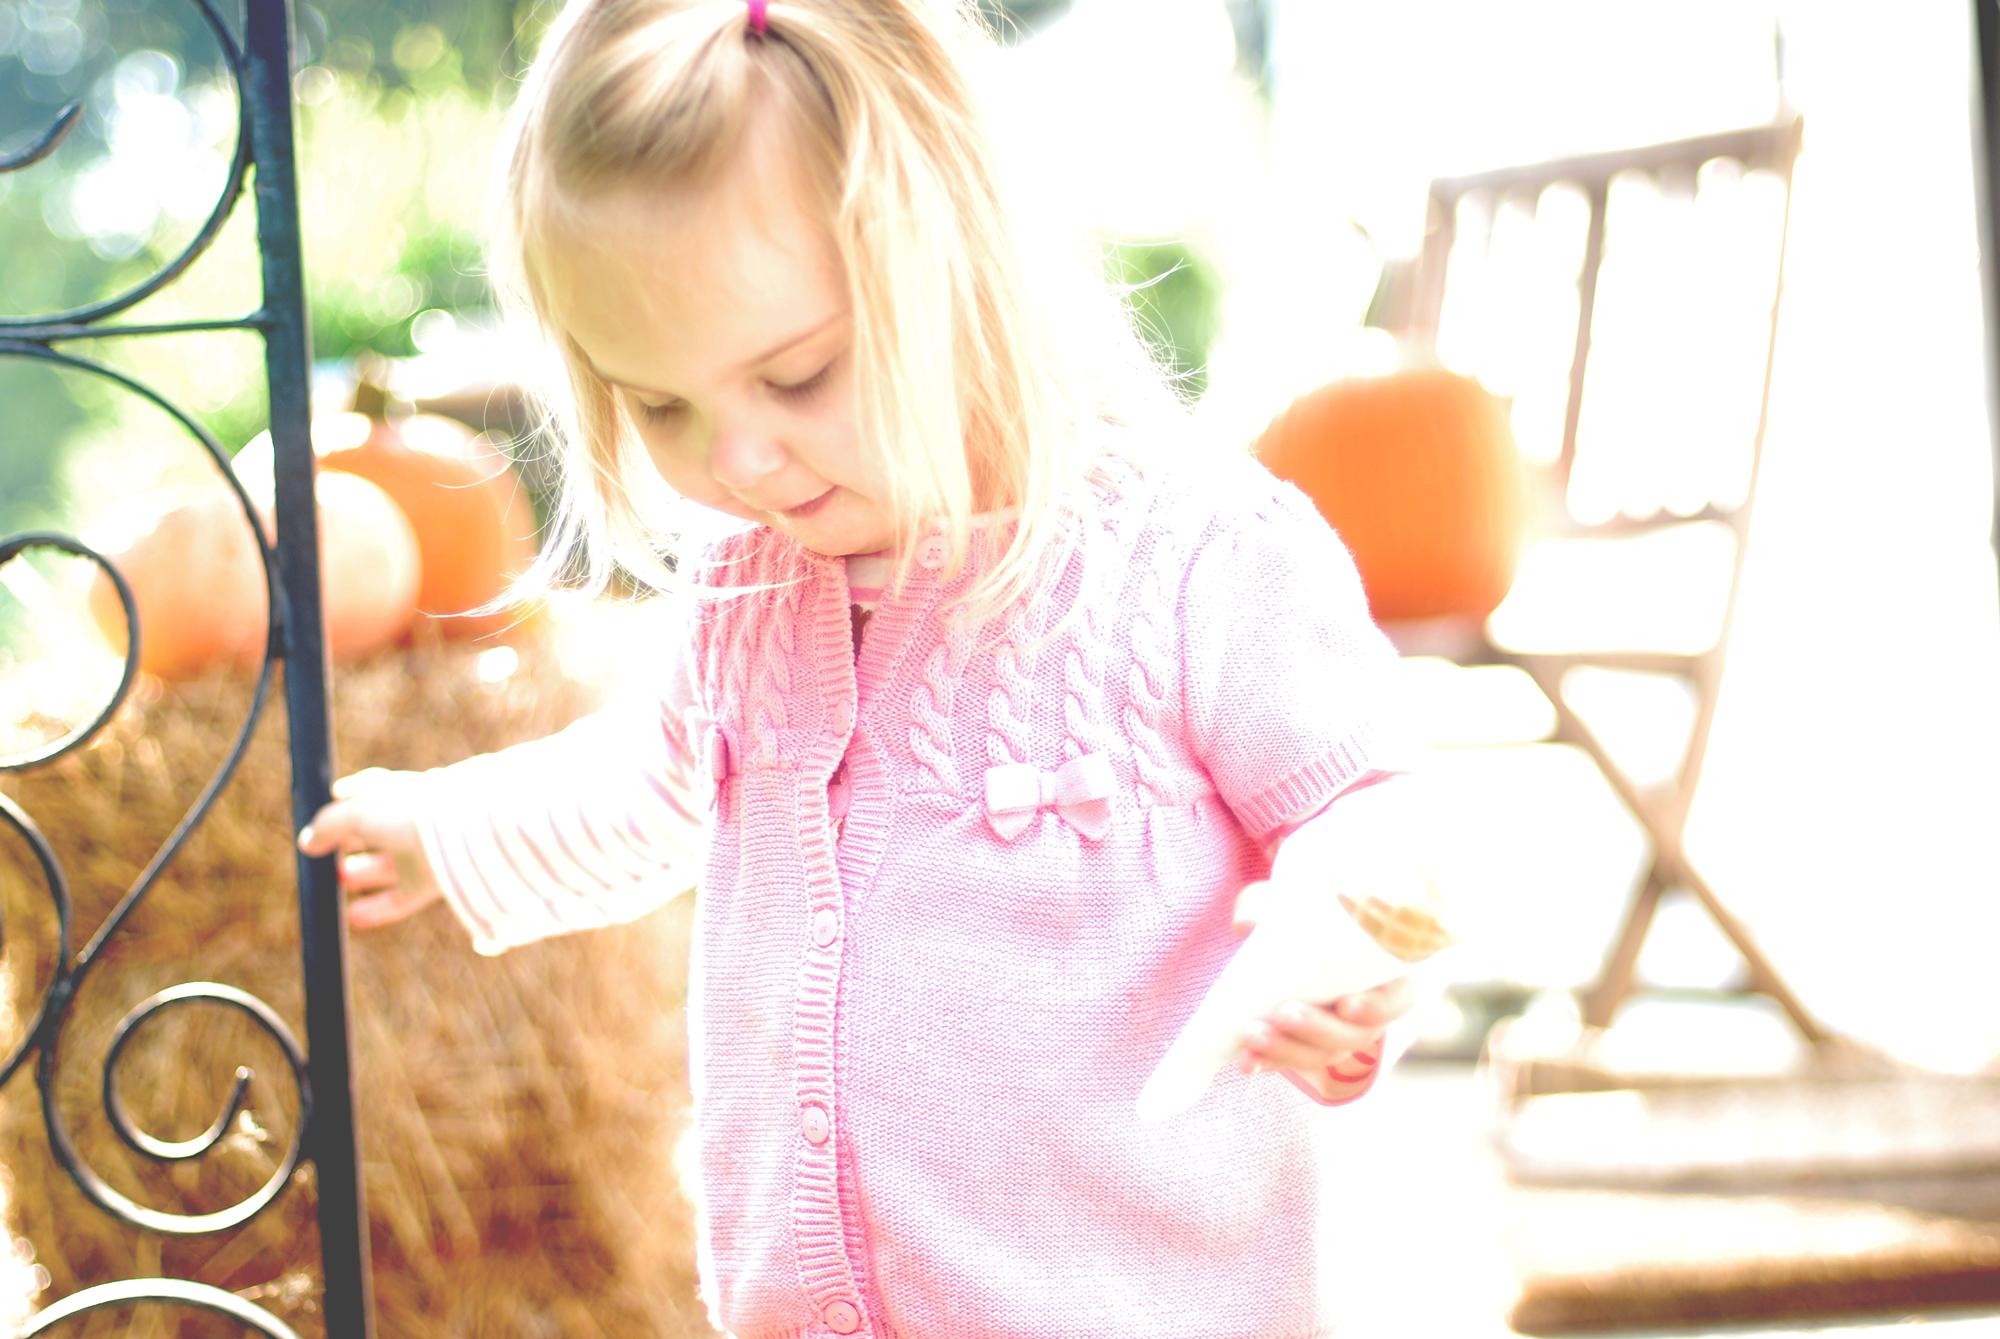 Mackenzie_Strawberry-Ice-Cream